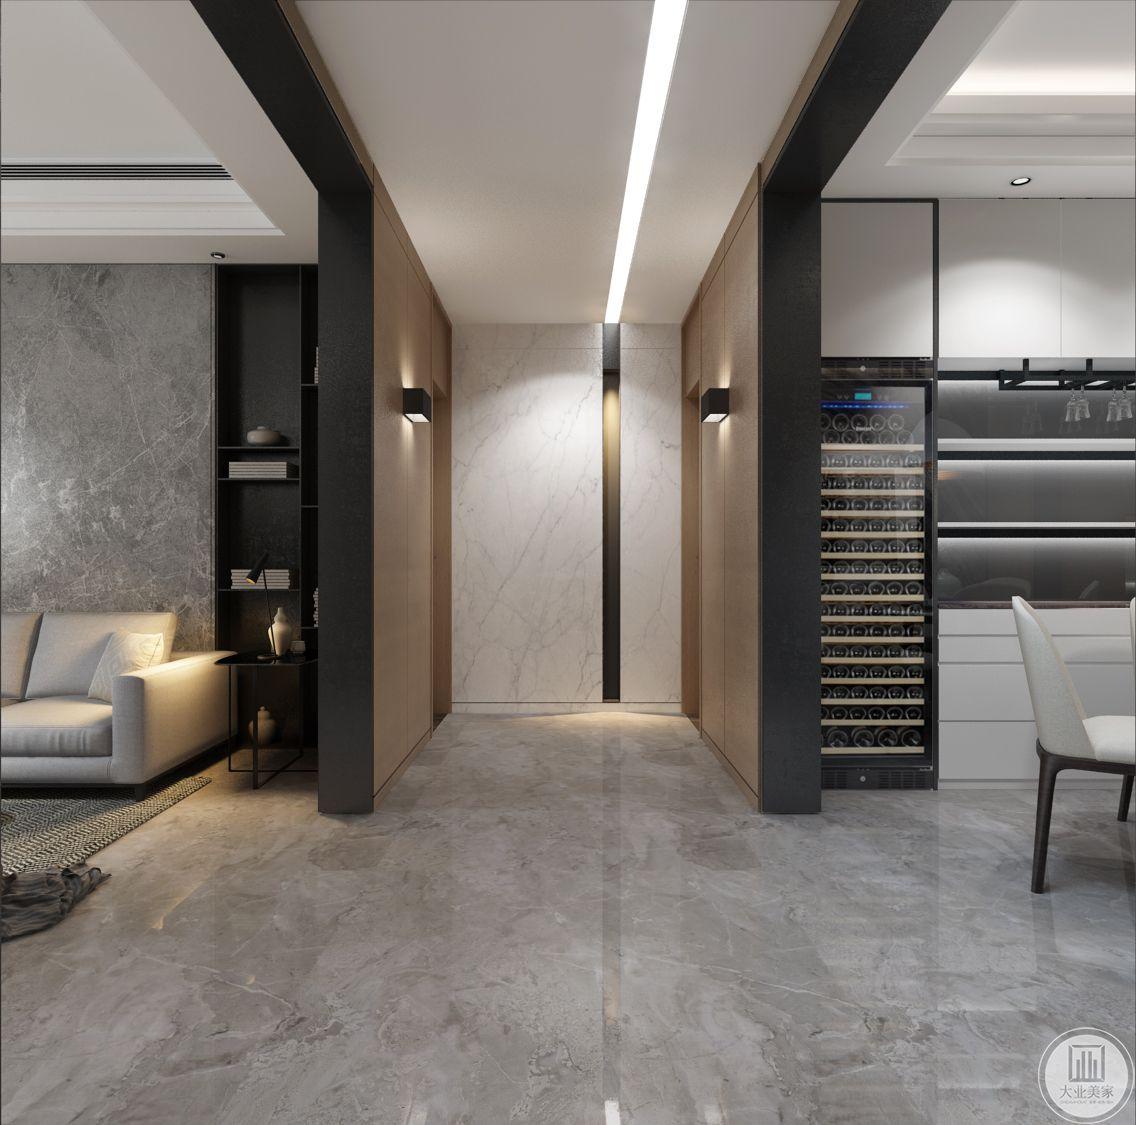 从这里可以看到卫生间和客厅空间的一部分。